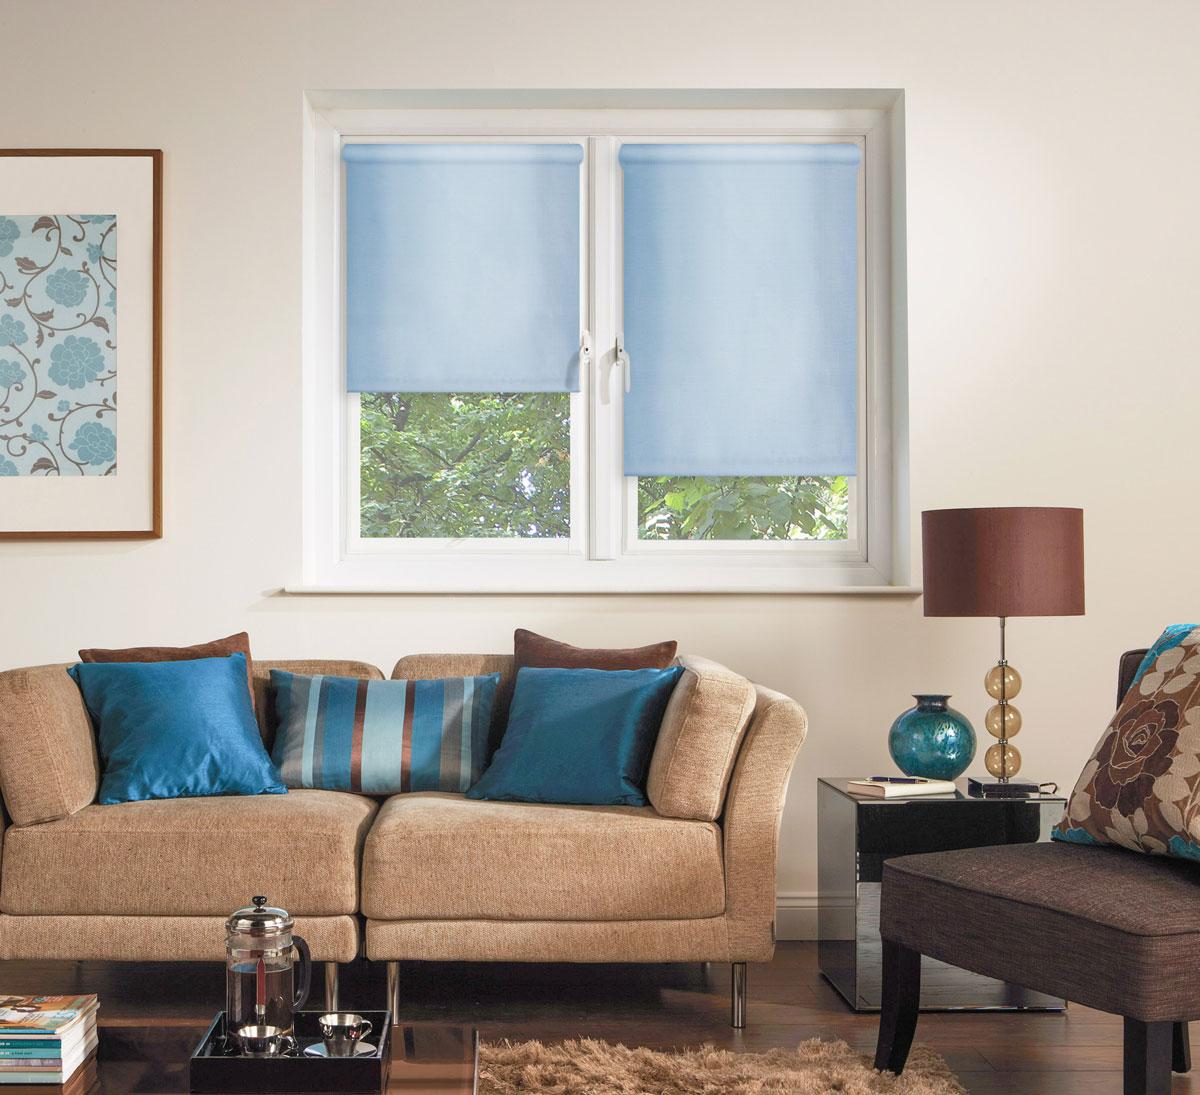 Штора рулонная KauffOrt Миниролло, цвет: голубой, ширина 52, высота 170 см3052005Рулонная штора Миниролло выполнена из высокопрочной ткани, которая сохраняет свой размер даже при намокании. Ткань не выцветает и обладает отличной цветоустойчивостью. Миниролло - это подвид рулонных штор, который закрывает не весь оконный проем, а непосредственно само стекло. Такие шторы крепятся на раму без сверления при помощи зажимов или клейкой двухсторонней ленты (в комплекте). Окно остается на гарантии, благодаря монтажу без сверления. Такая штора станет прекрасным элементом декора окна и гармонично впишется в интерьер любого помещения.